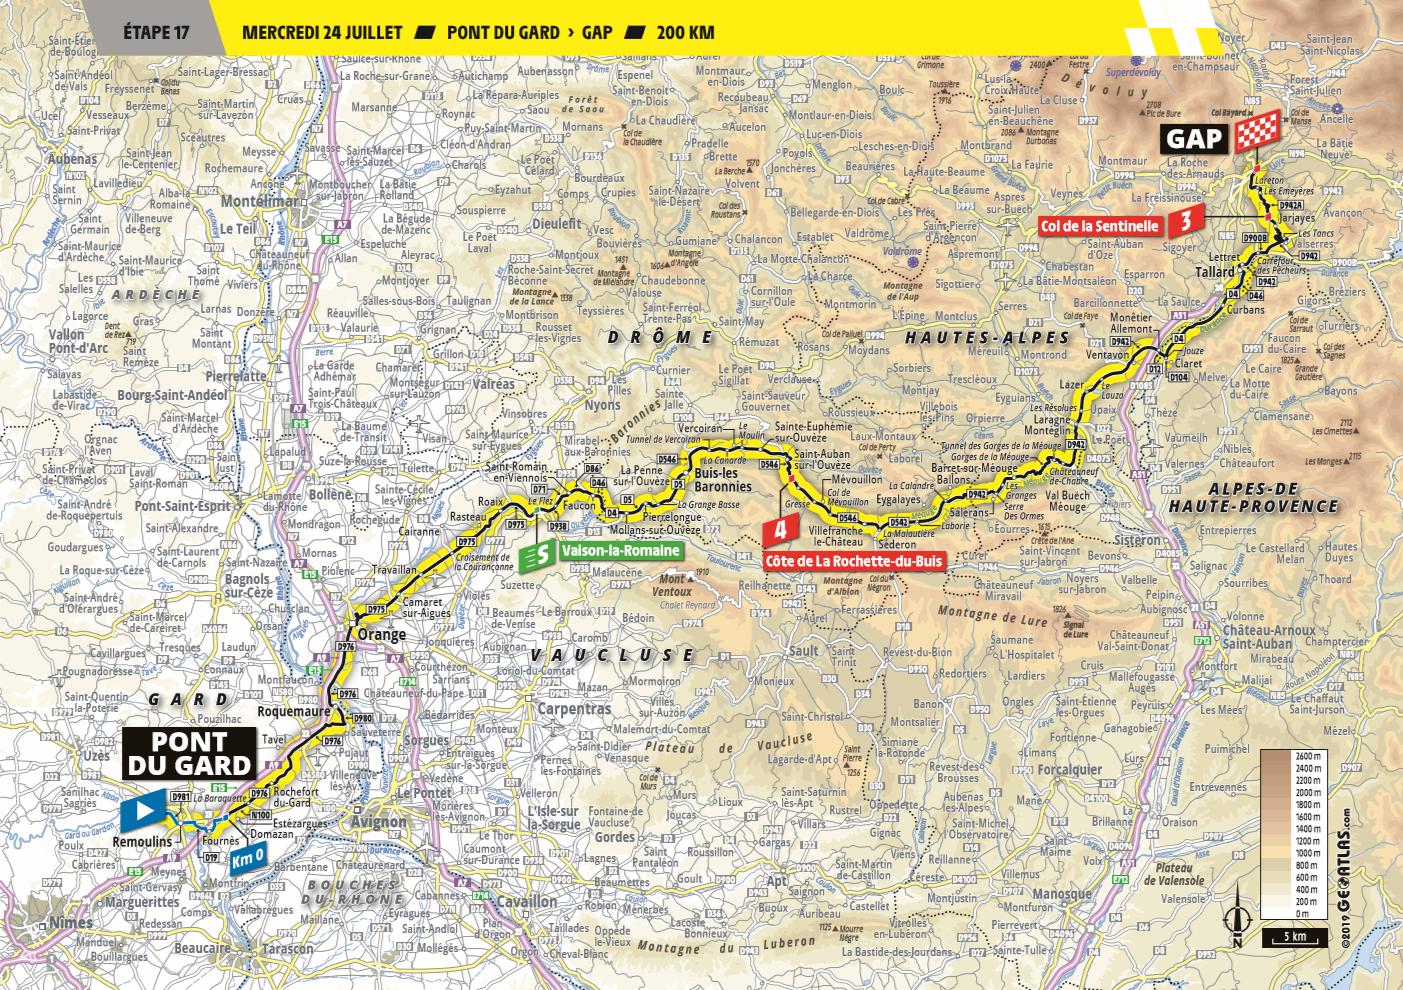 Tour de France 2019 19061902153095336